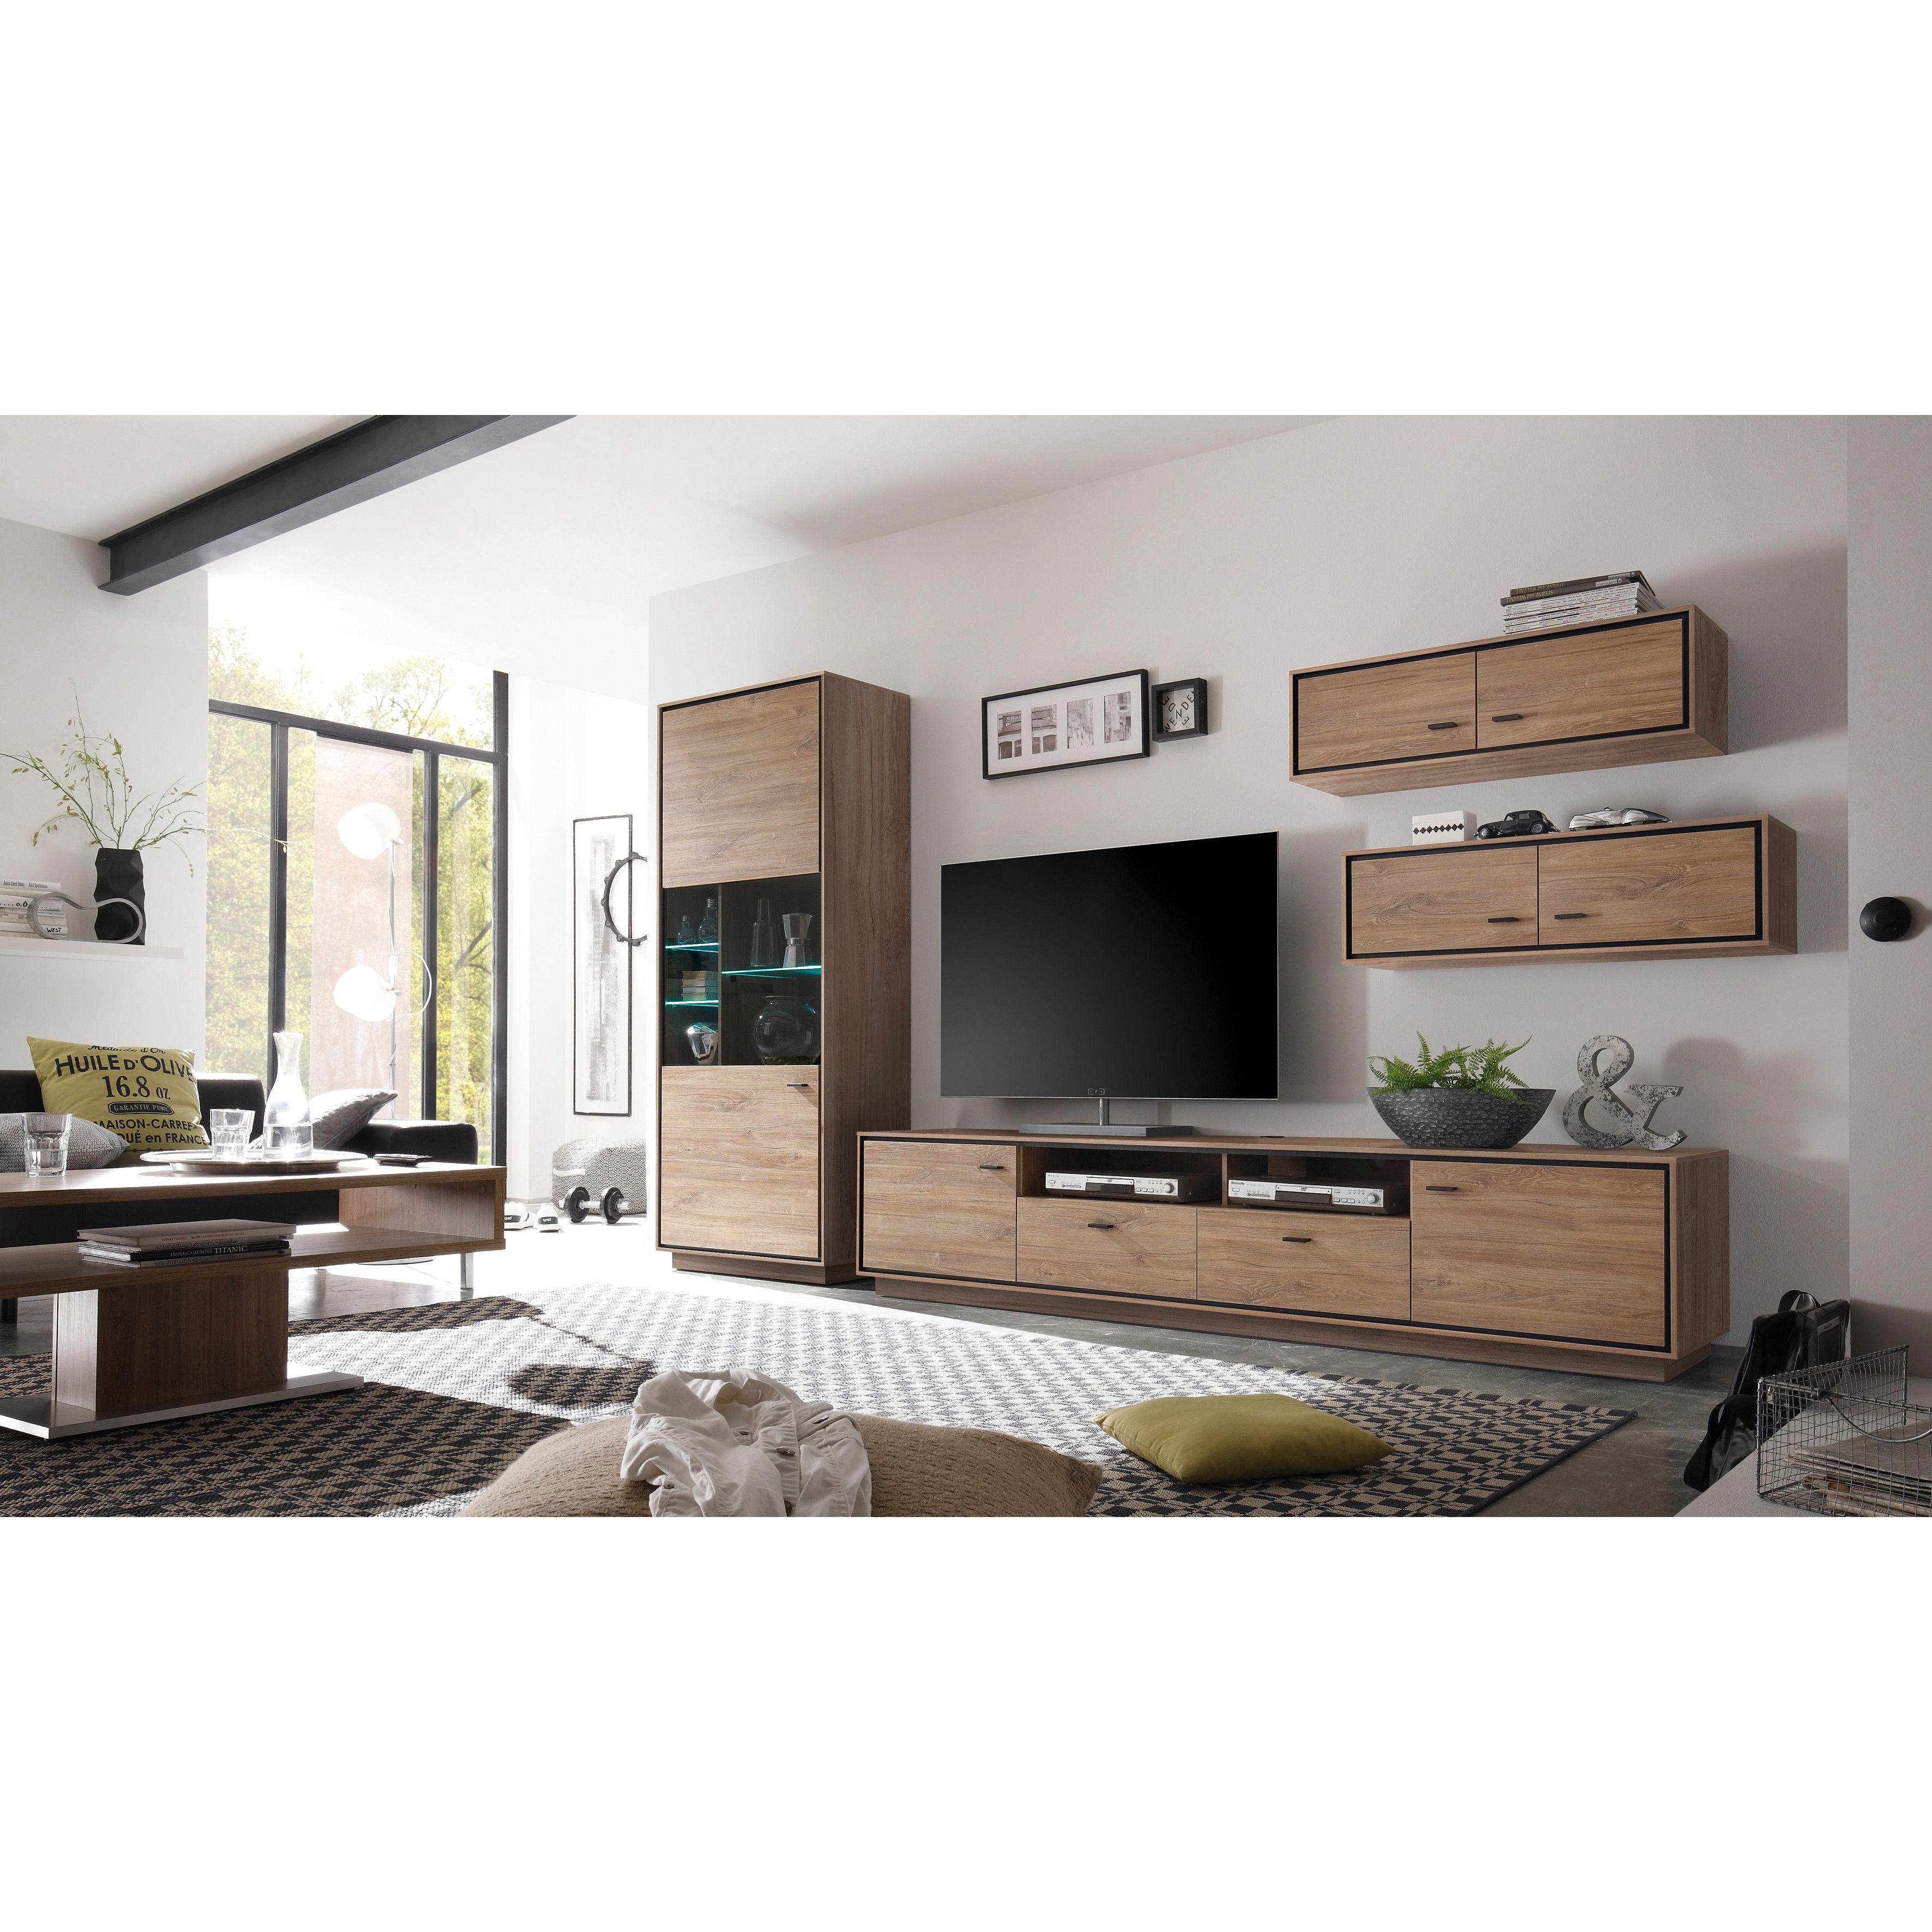 Hazelwood Home Salinas Tv Lowboard Wayfair Uk Meuble